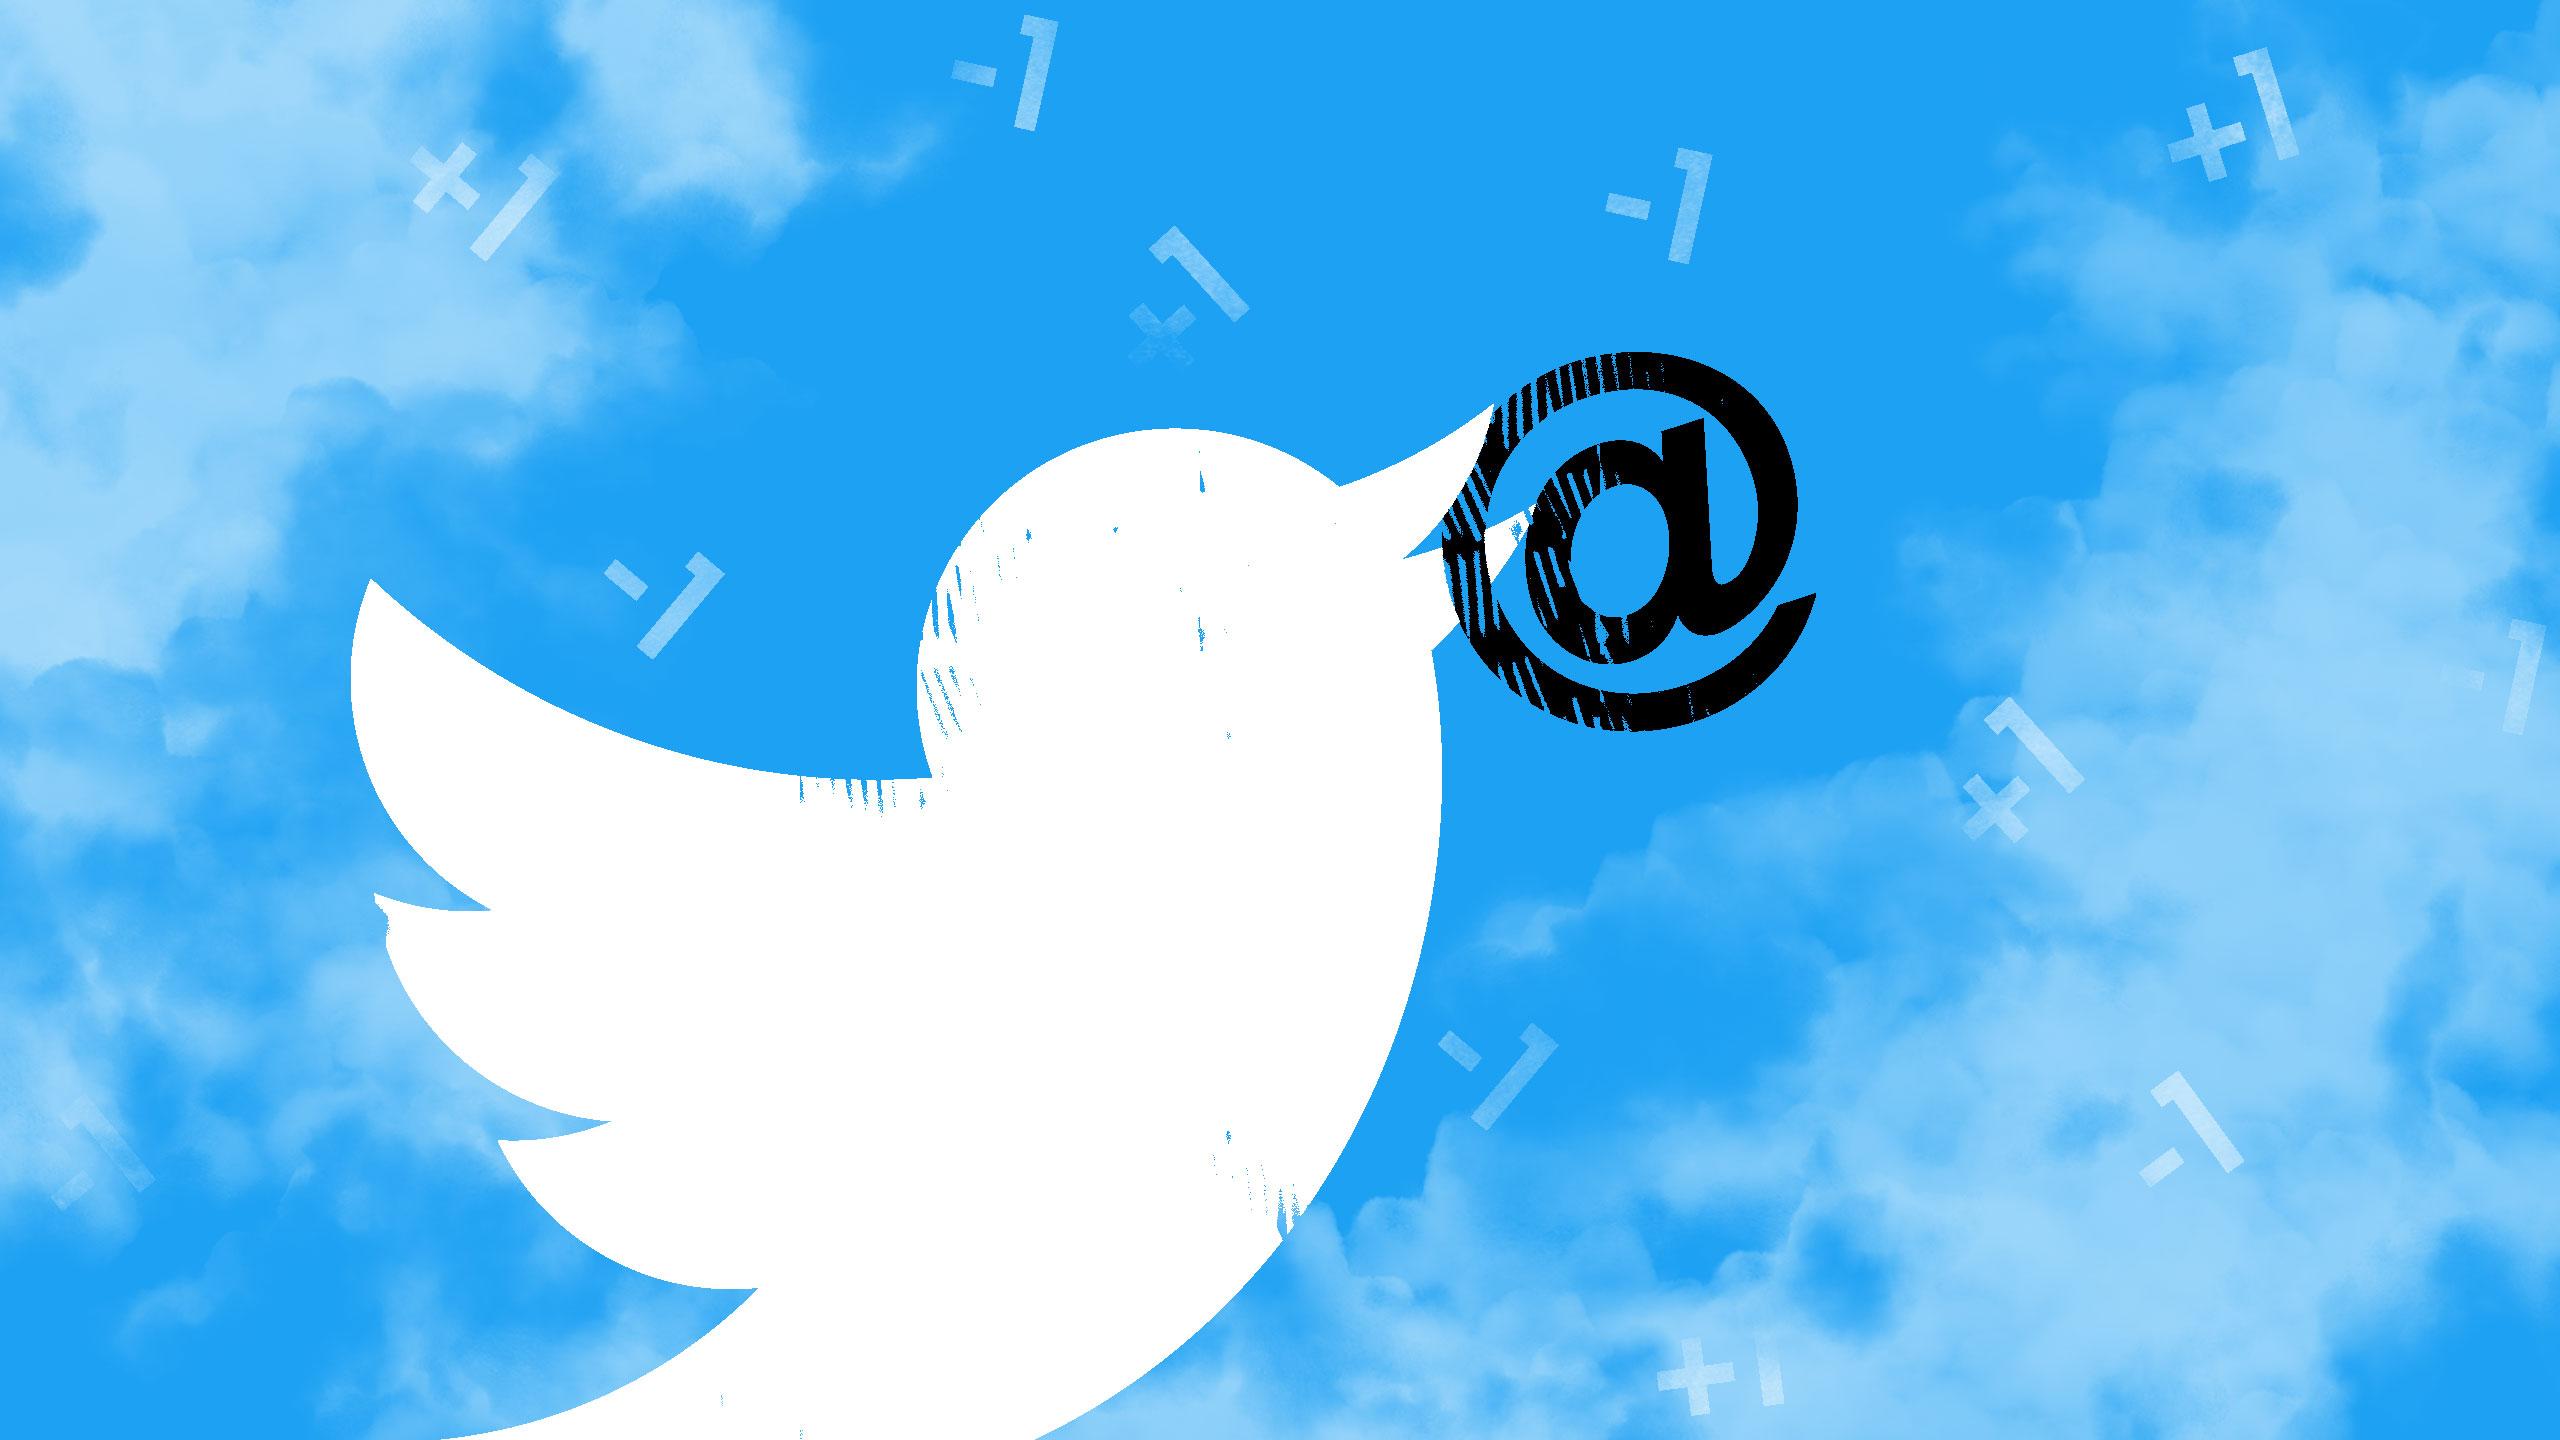 Fatih Terim'i Acımadan Mizahın Ortasına Oturtan 15 Twitter Kullanıcısı - 1